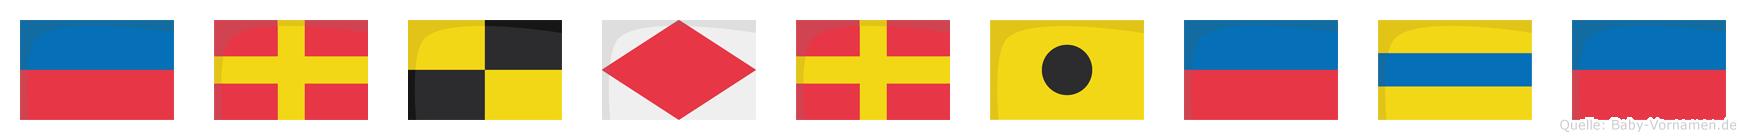 Erlfriede im Flaggenalphabet